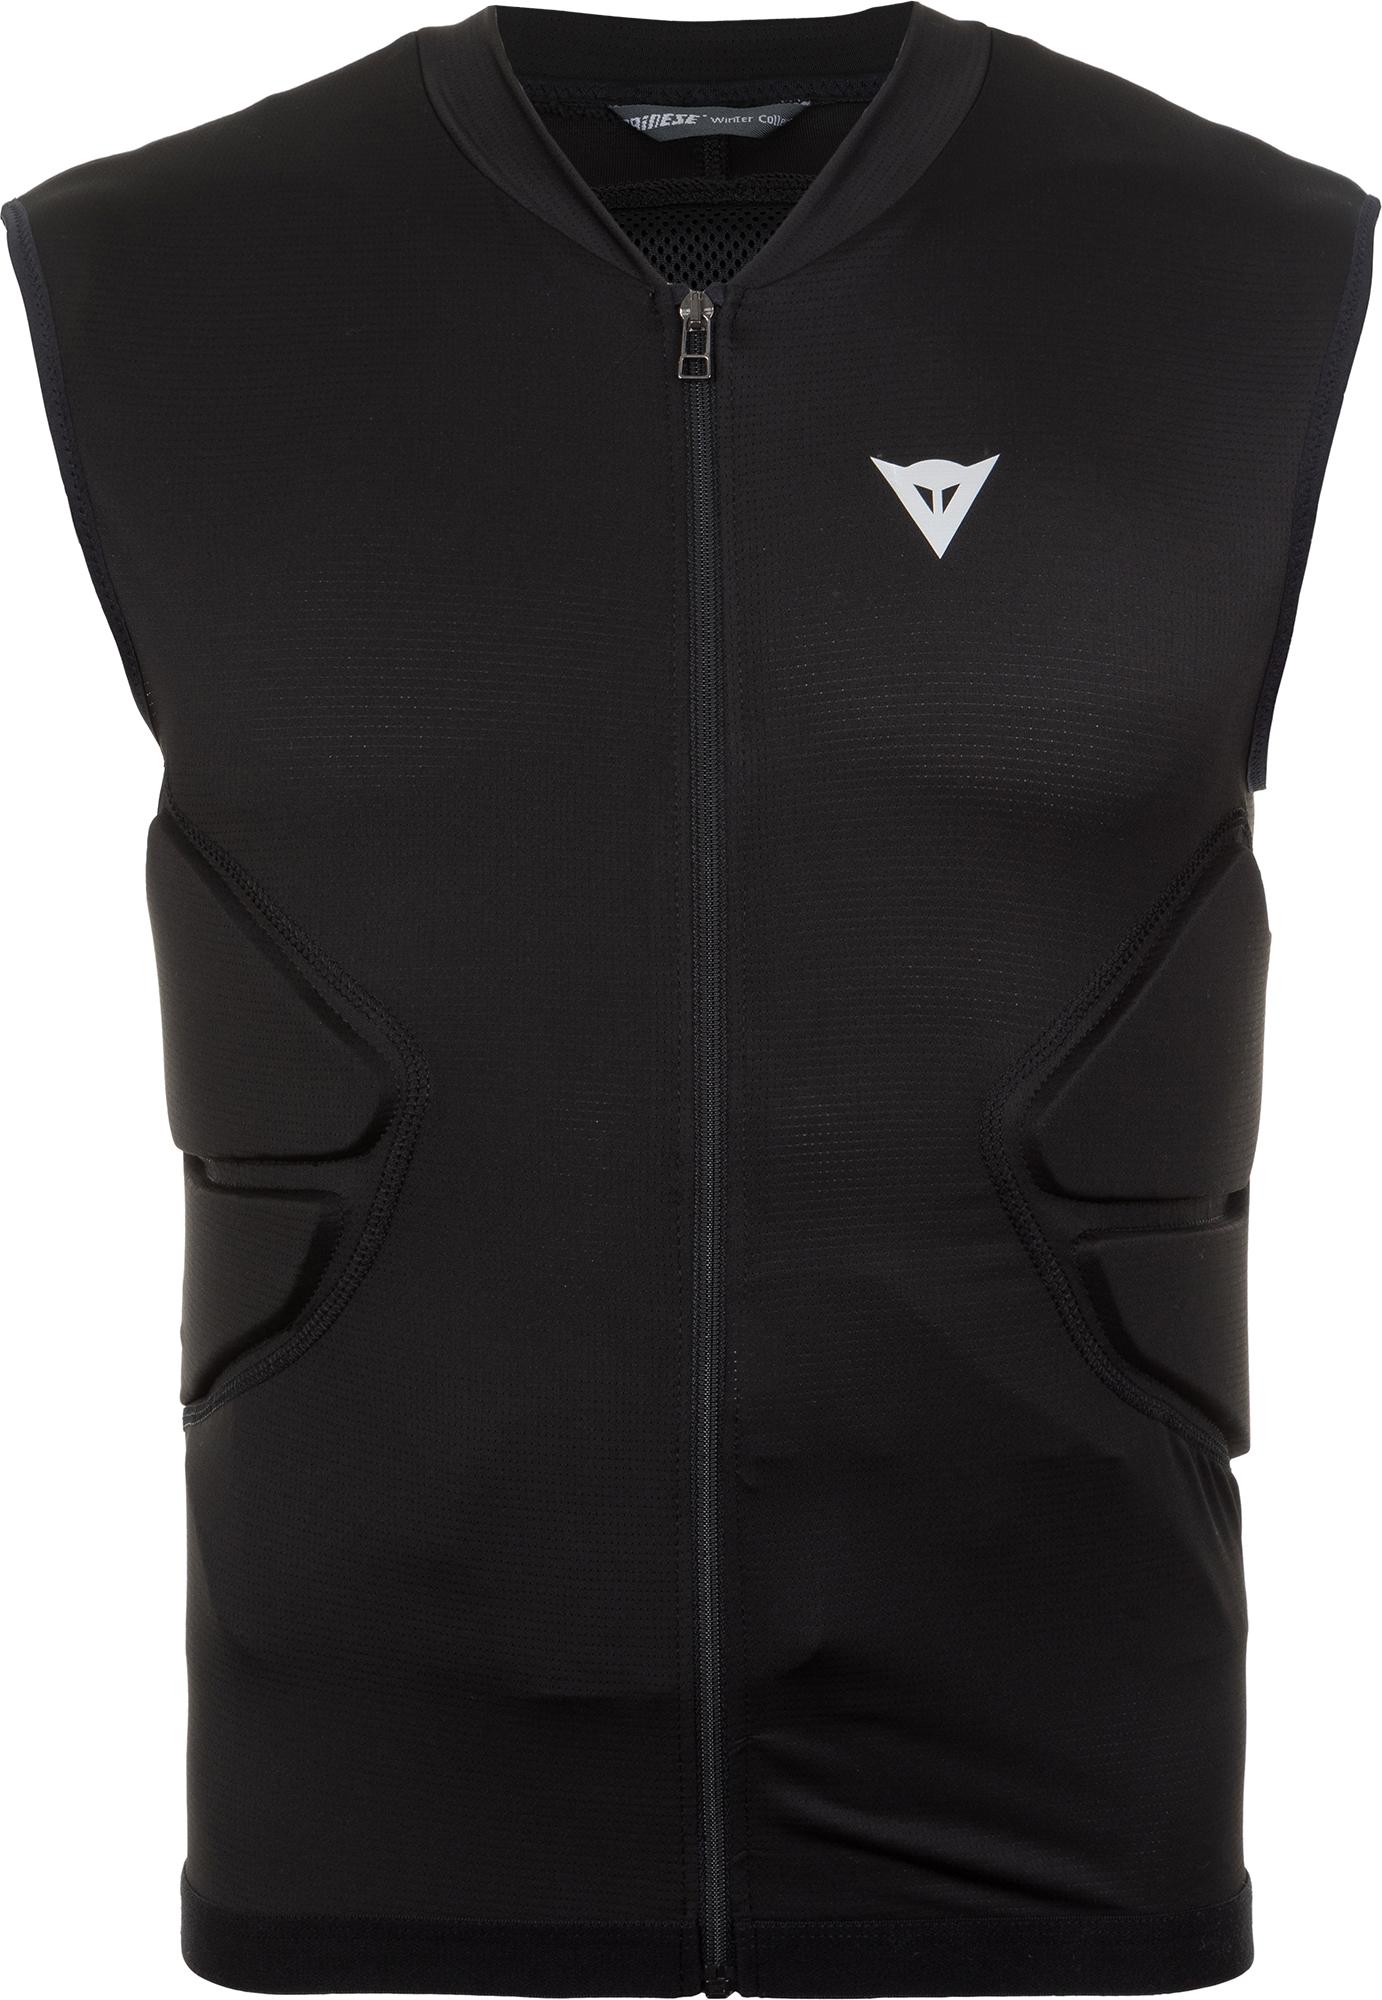 купить Dainese Жилет защитный Dainese Flexagon Waistcoat по цене 11439 рублей